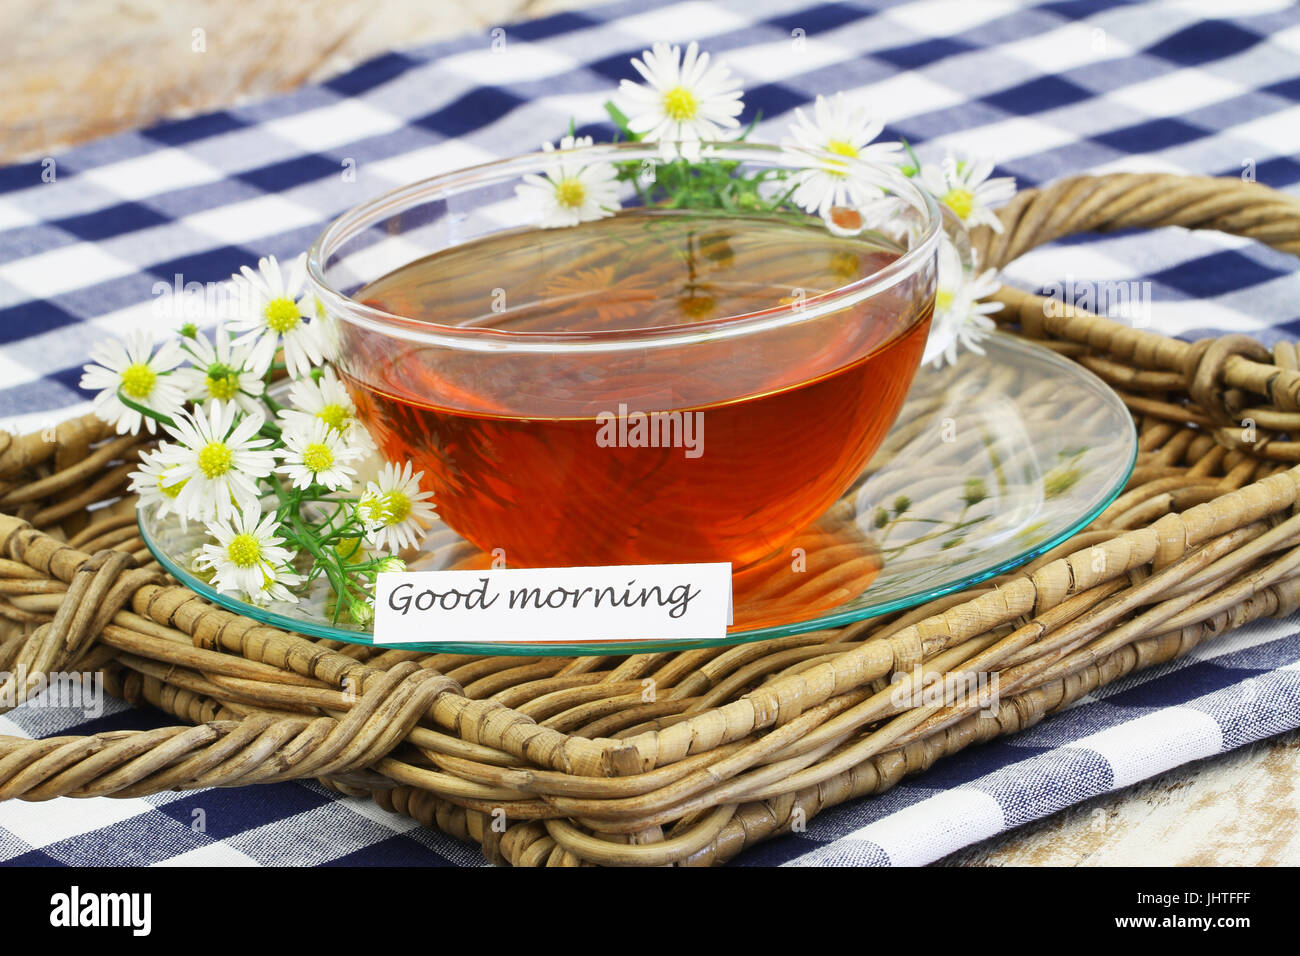 Guten Morgen Karte Mit Tee Und Frischen Kamillenblüten